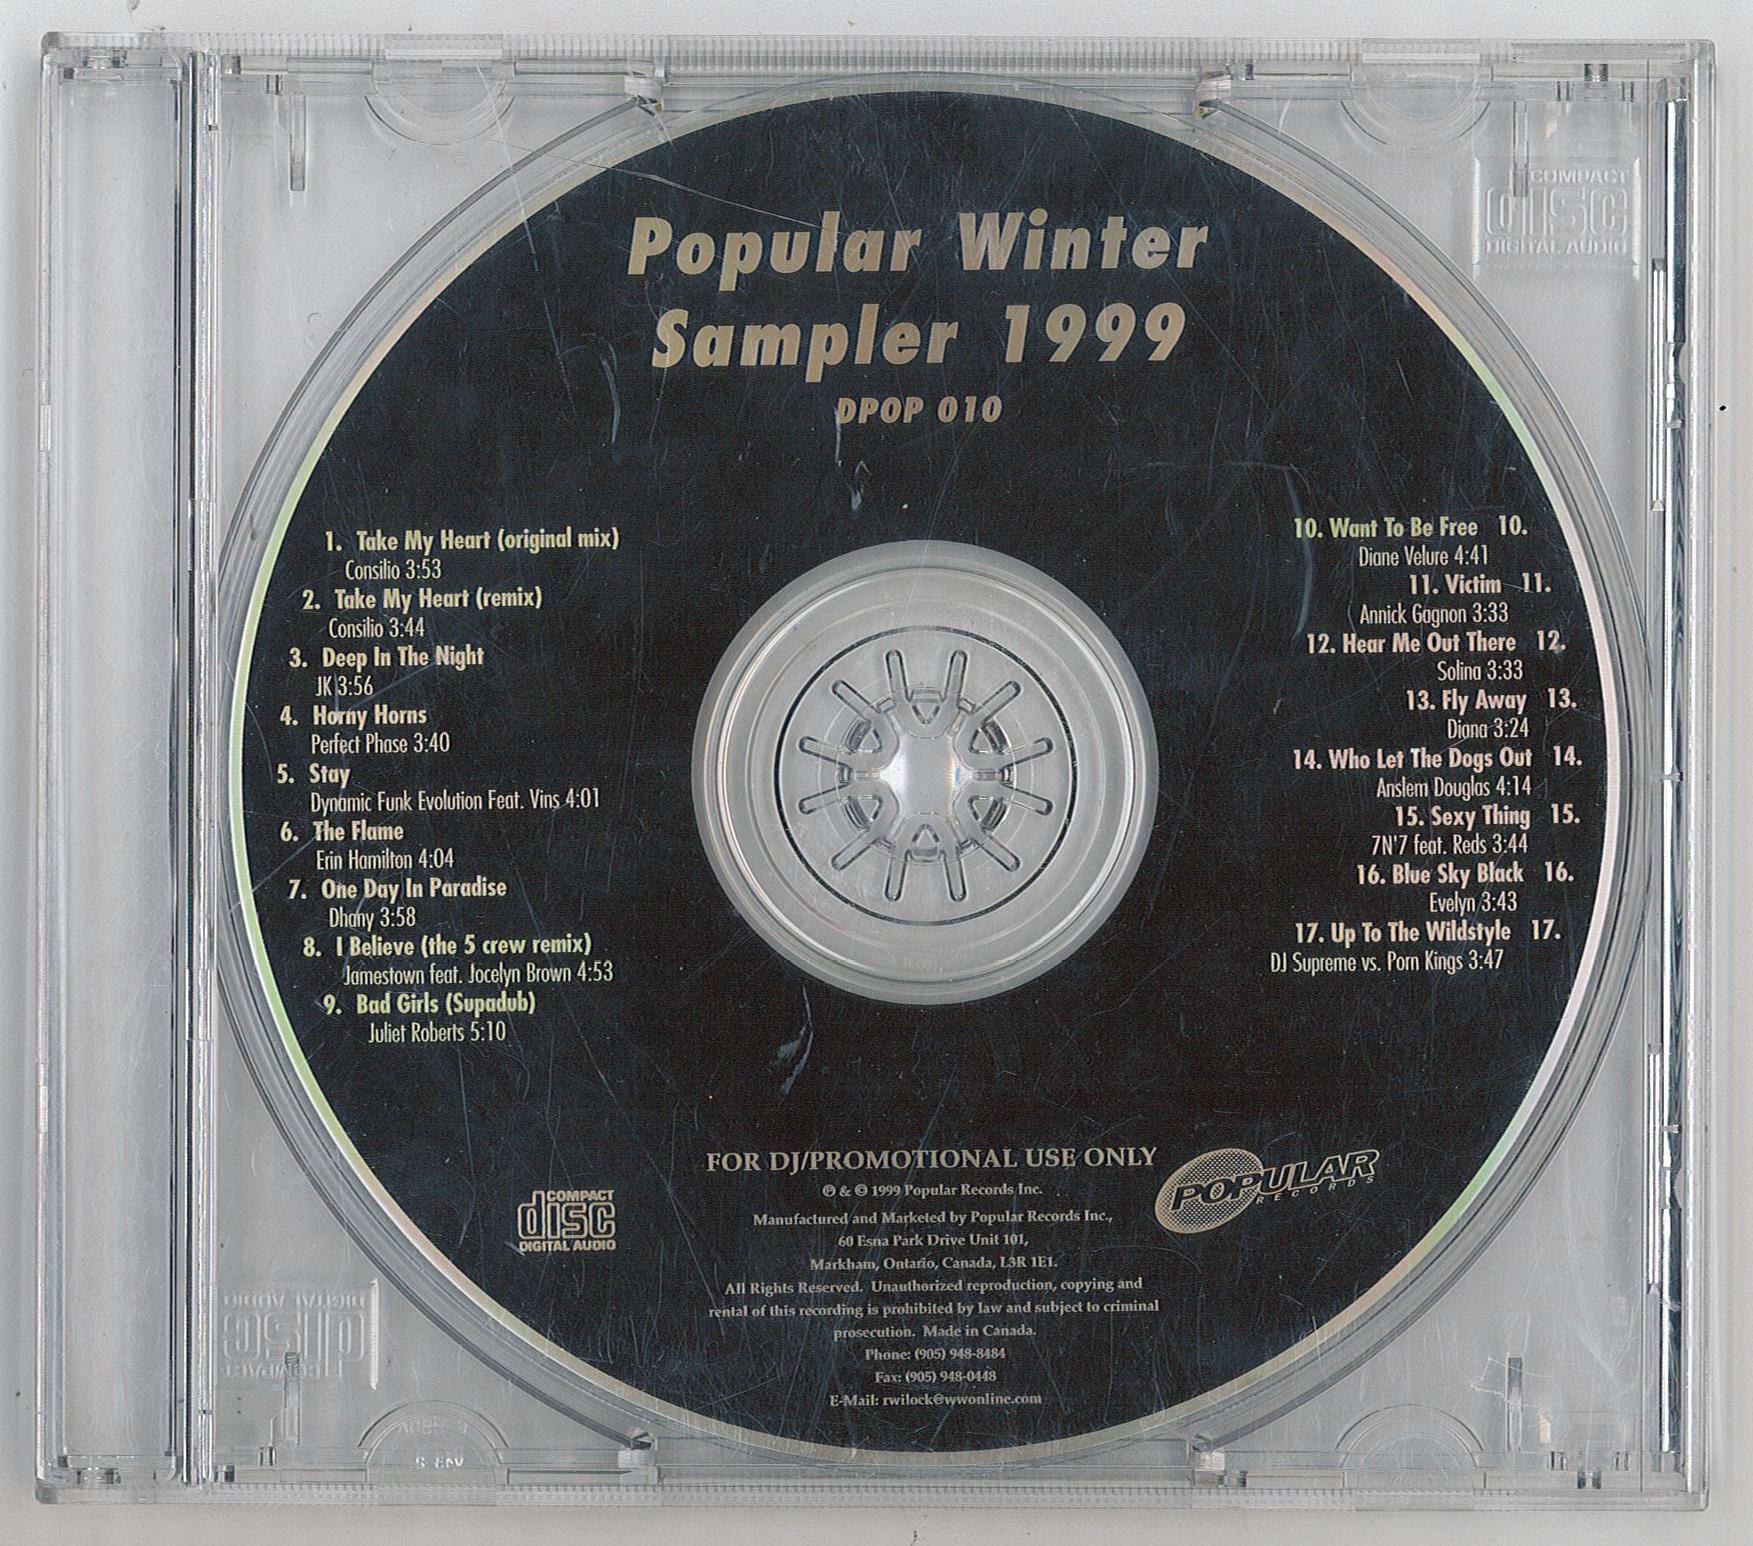 WLWLTDOO-1999-CD-POPULAR_WINTER_SAMPLER-CASE.png